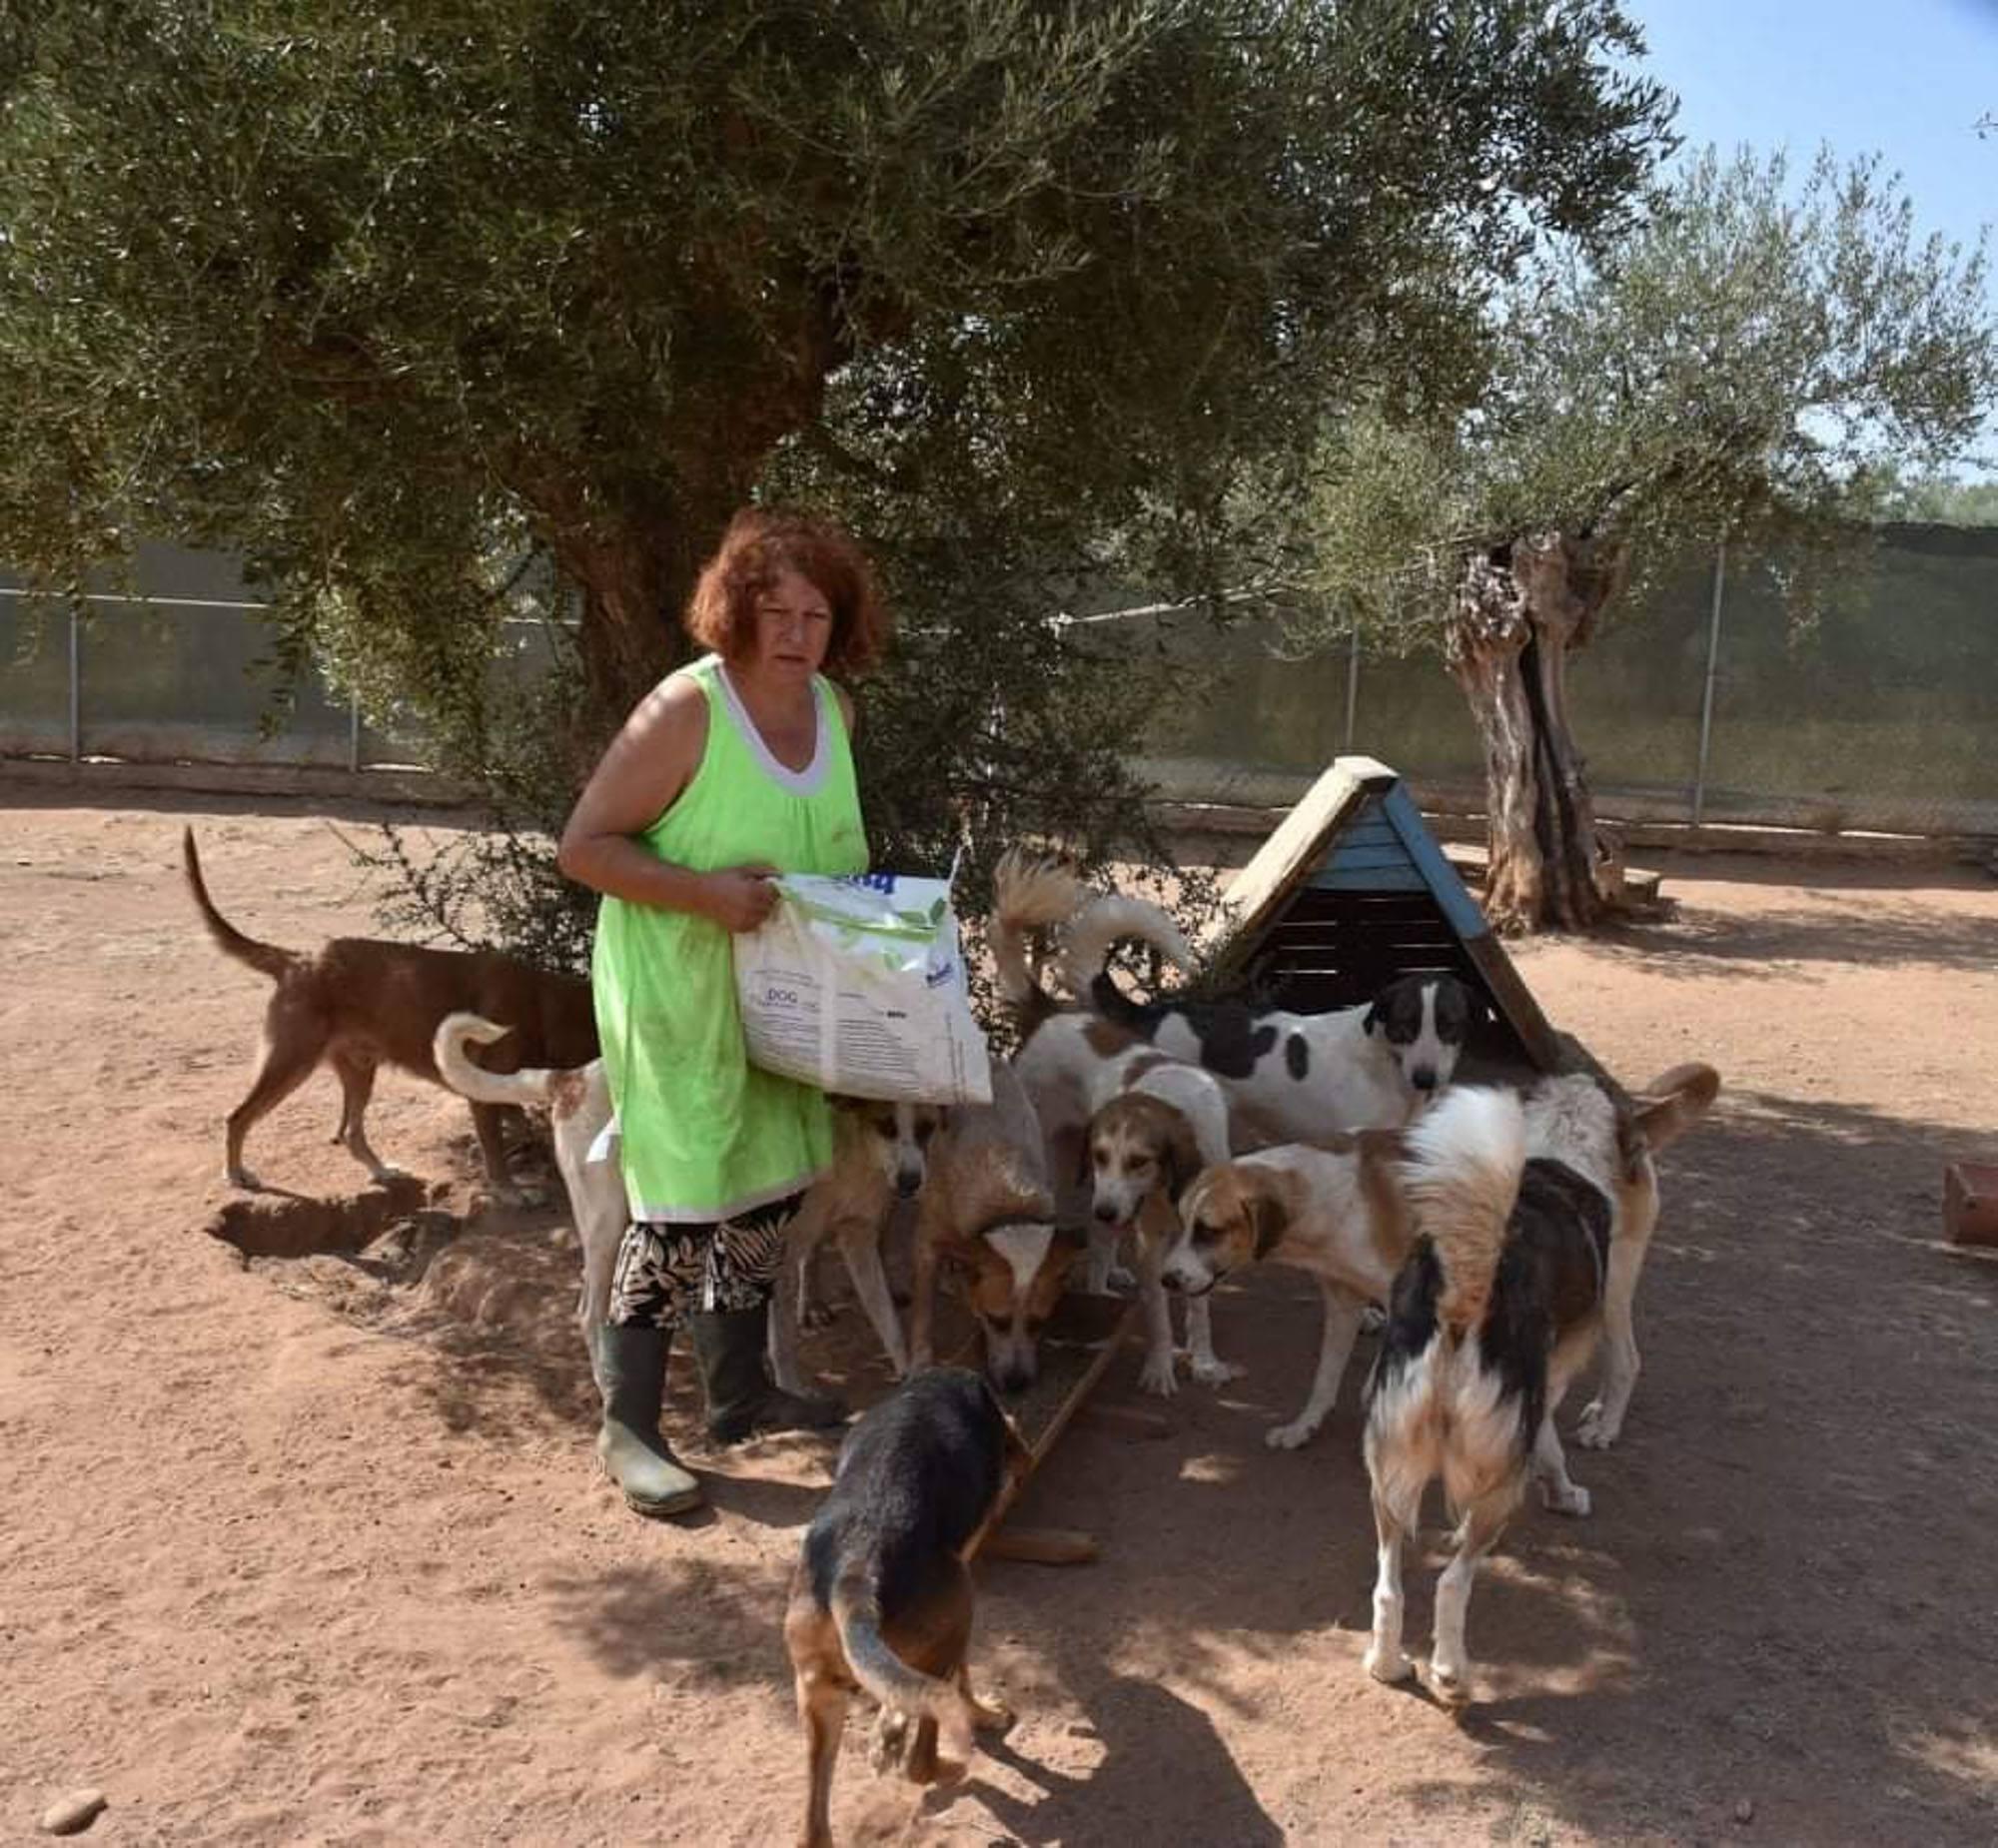 Verein für hilfebedürftige Tiere_SfS21_GR3